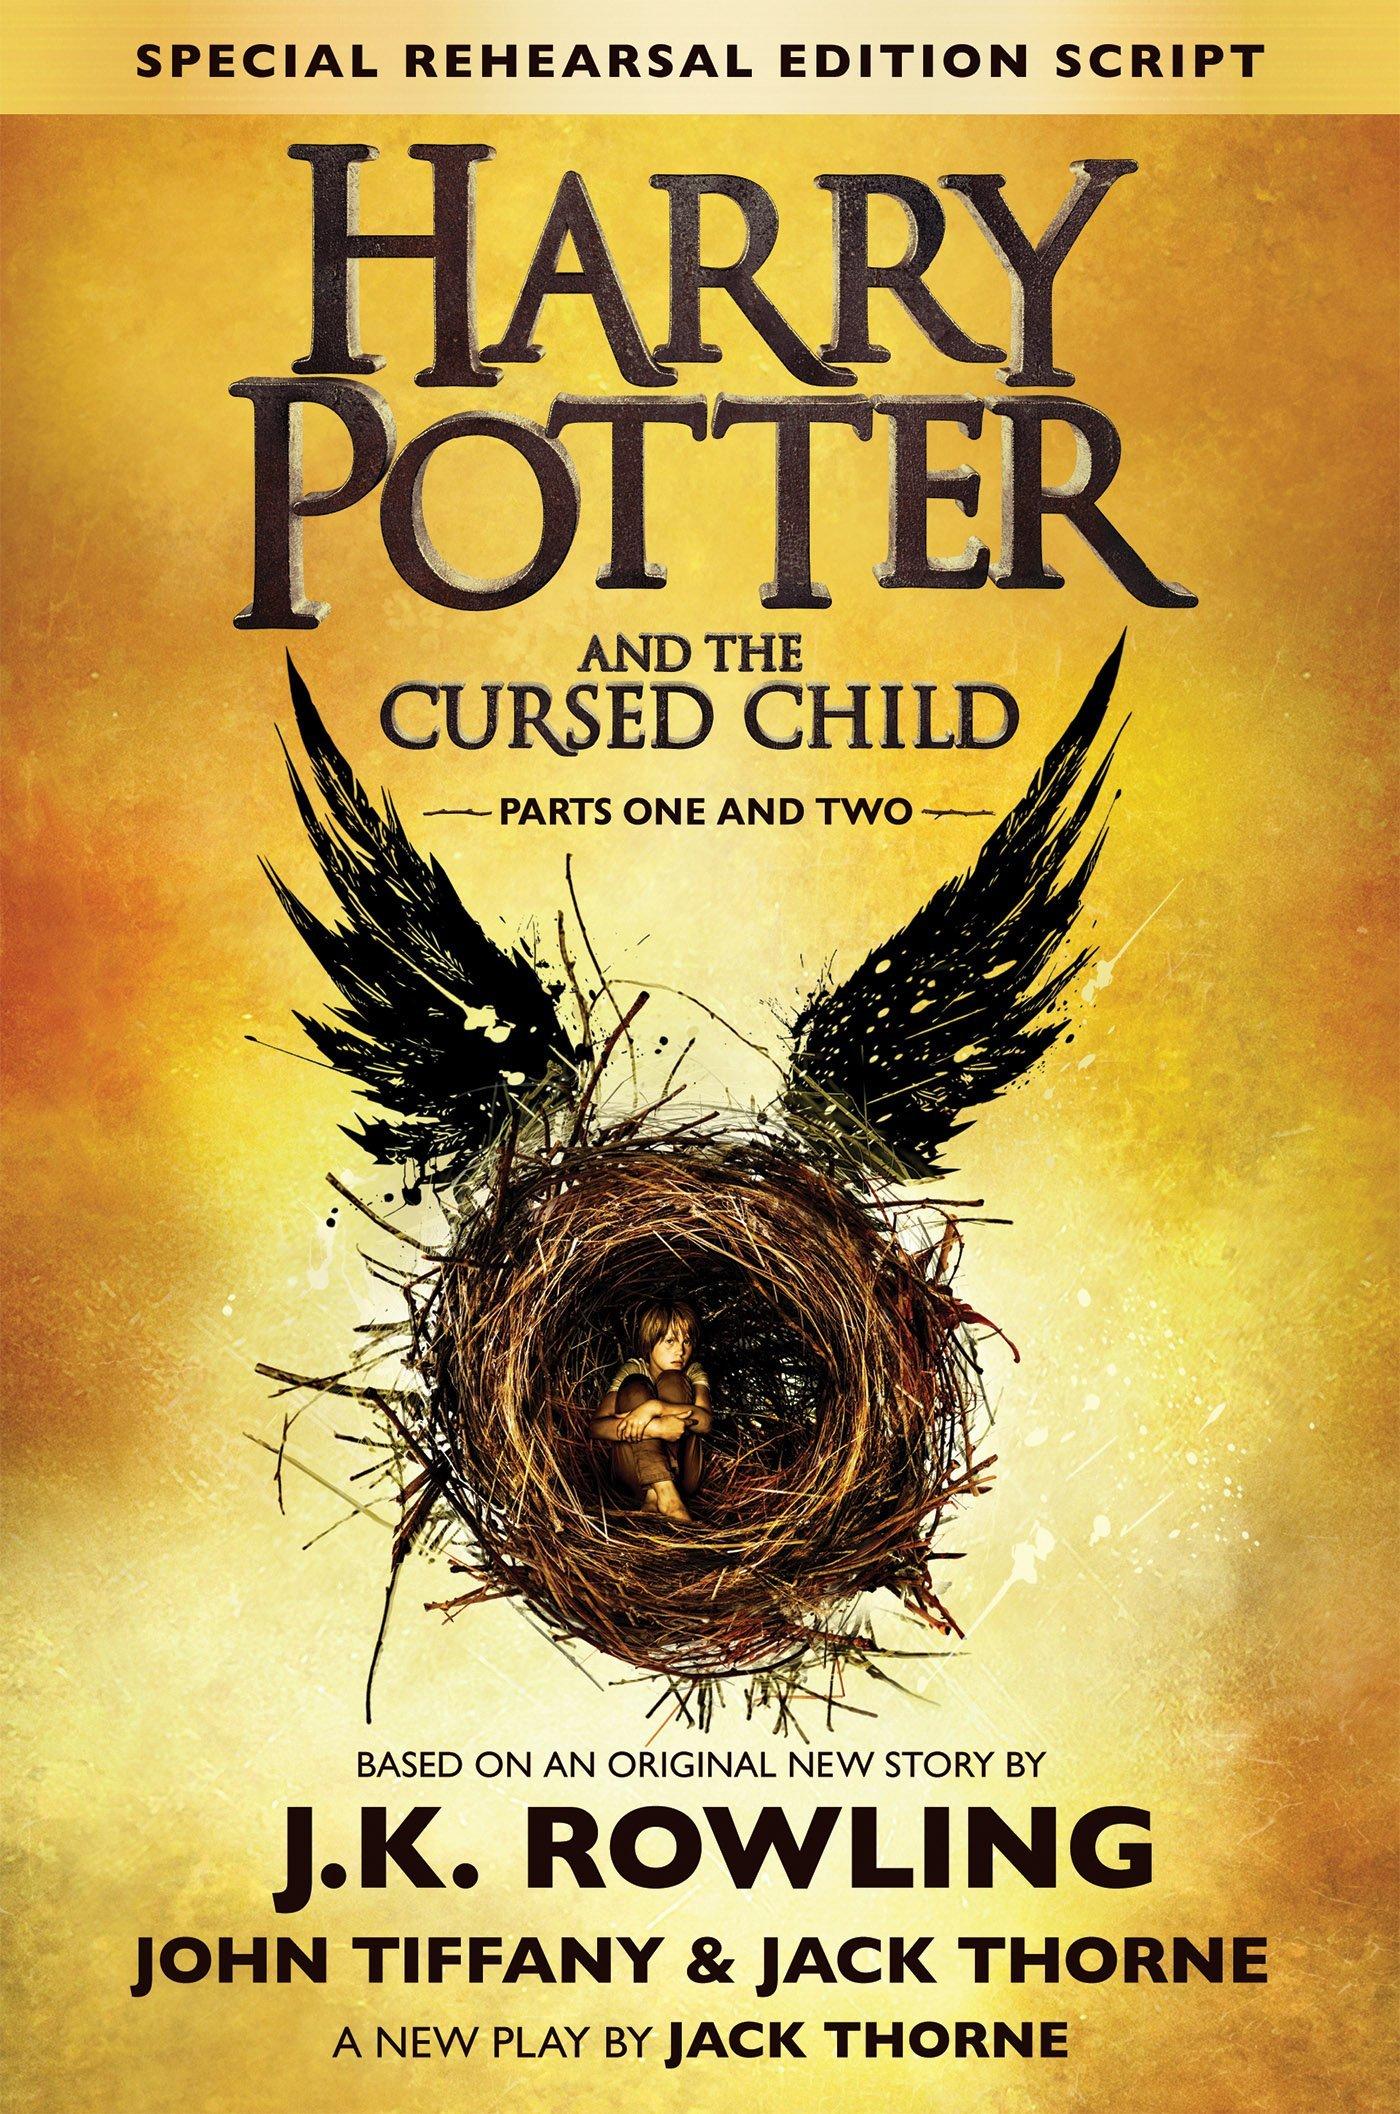 Harry Potter and the Cursed Child también se ha empezado a comercializar en formato de libro, puesto a la venta a partir del 31 de julio